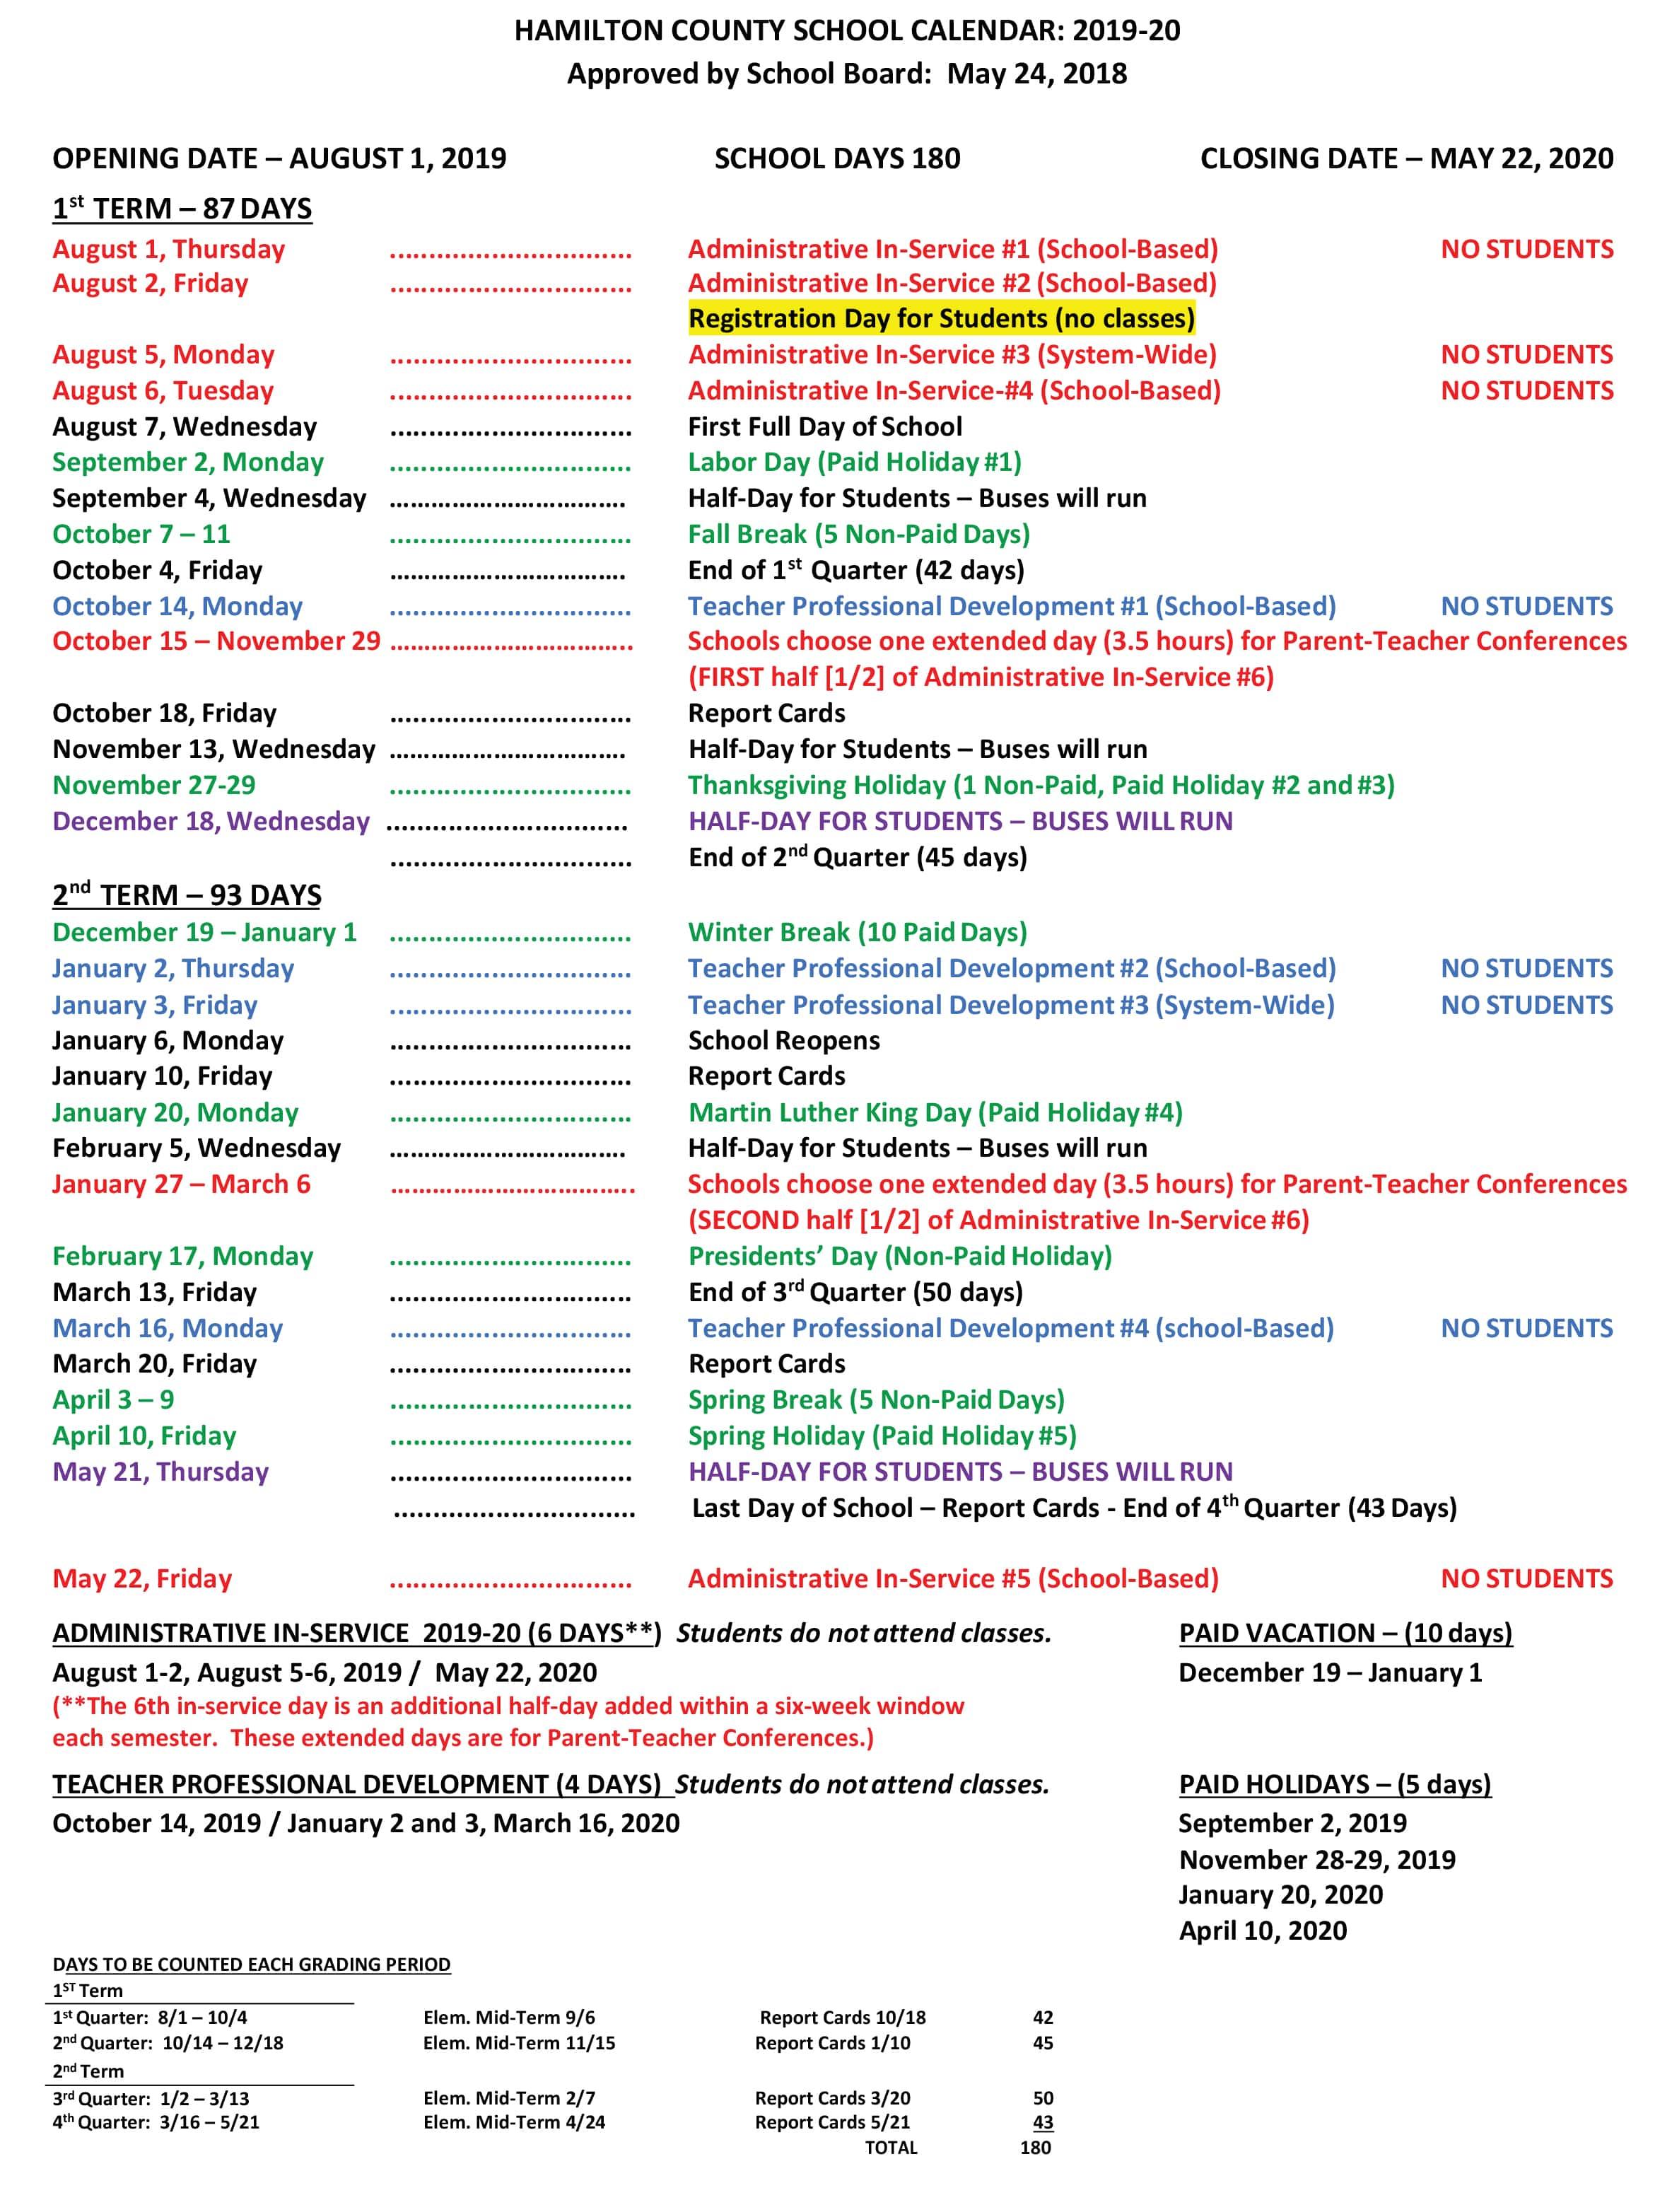 Hamilton Calendar February 2019 Hamilton County School Calendar 2019 20 | WJTT POWER94